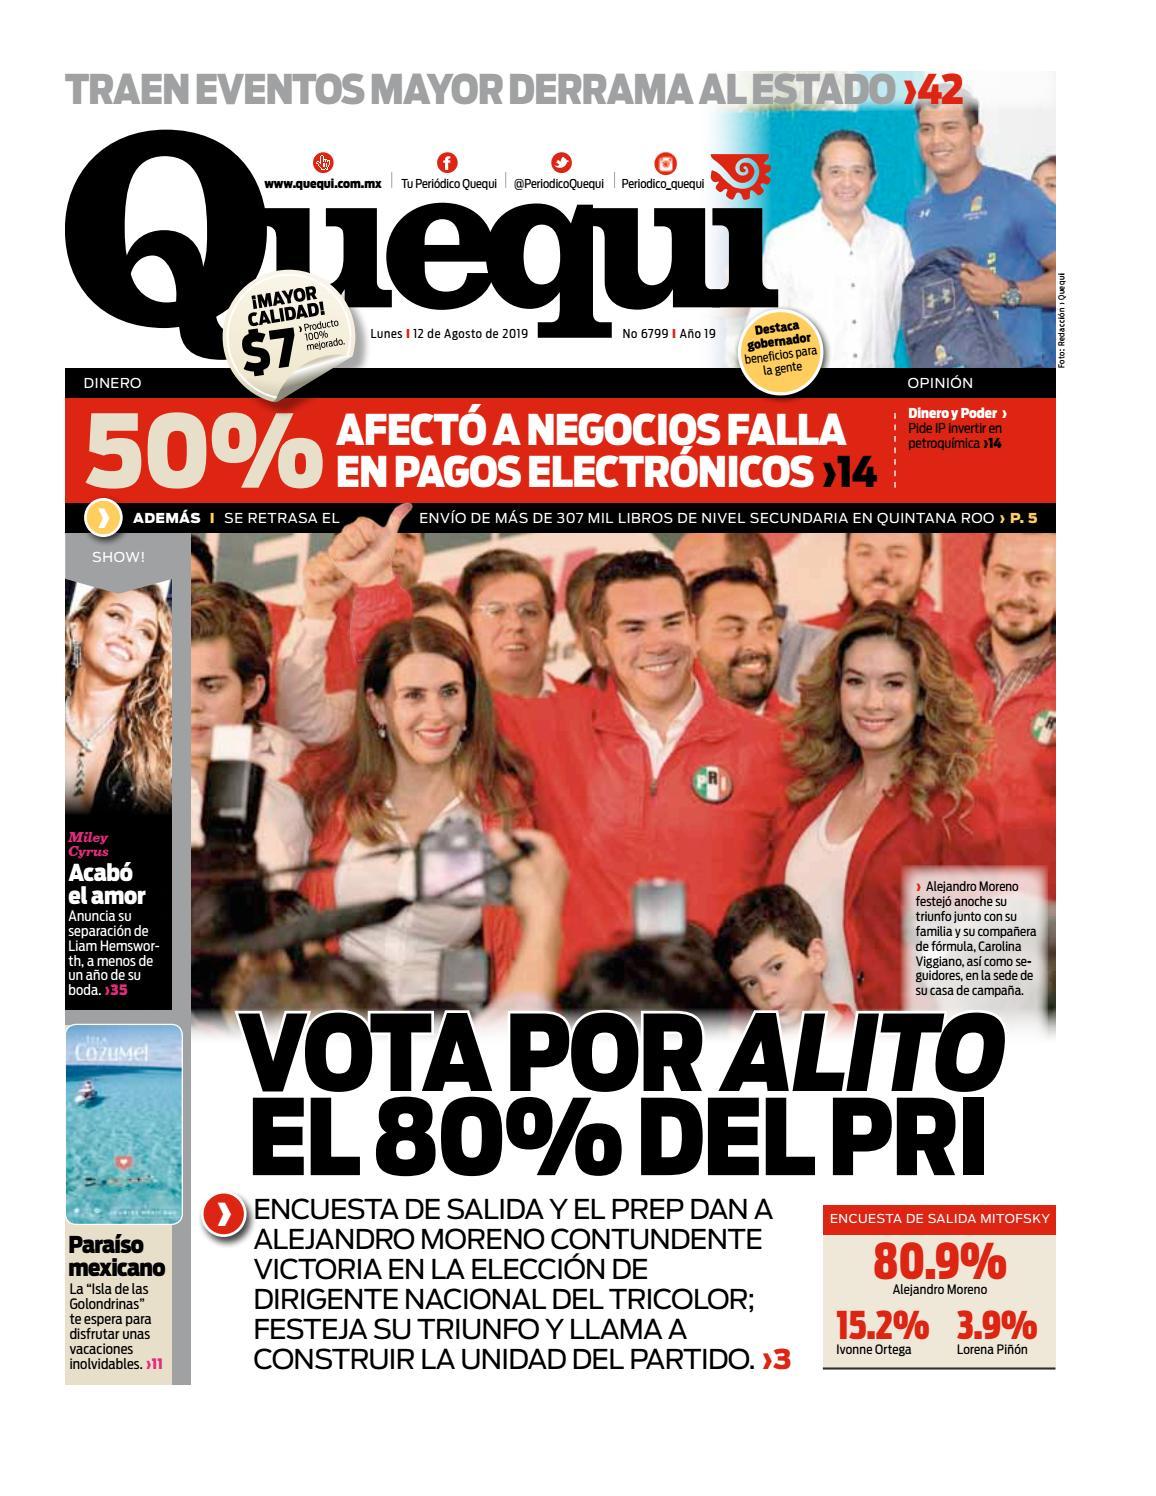 Alba De Silva Actriz Porno El Reflejo Del Vicio edicion del 12 de agosto del 2019quequi - issuu